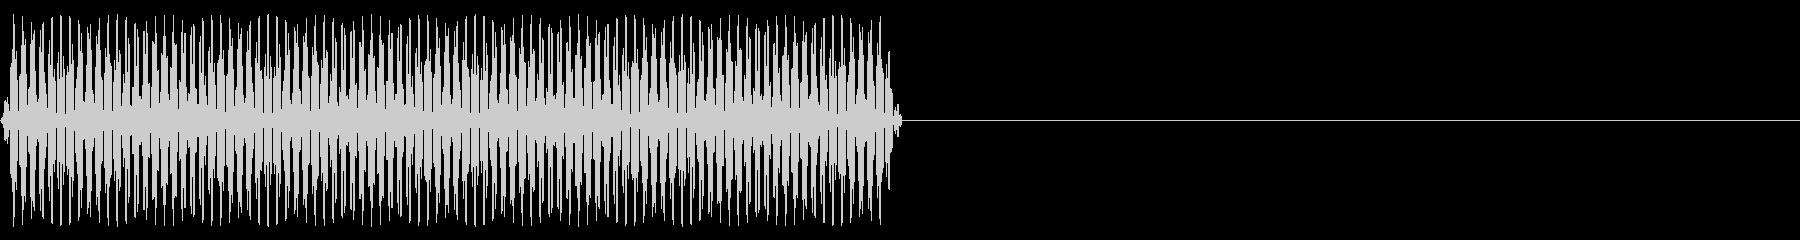 『ピッ』電話のプッシュ音(C)-単音の未再生の波形